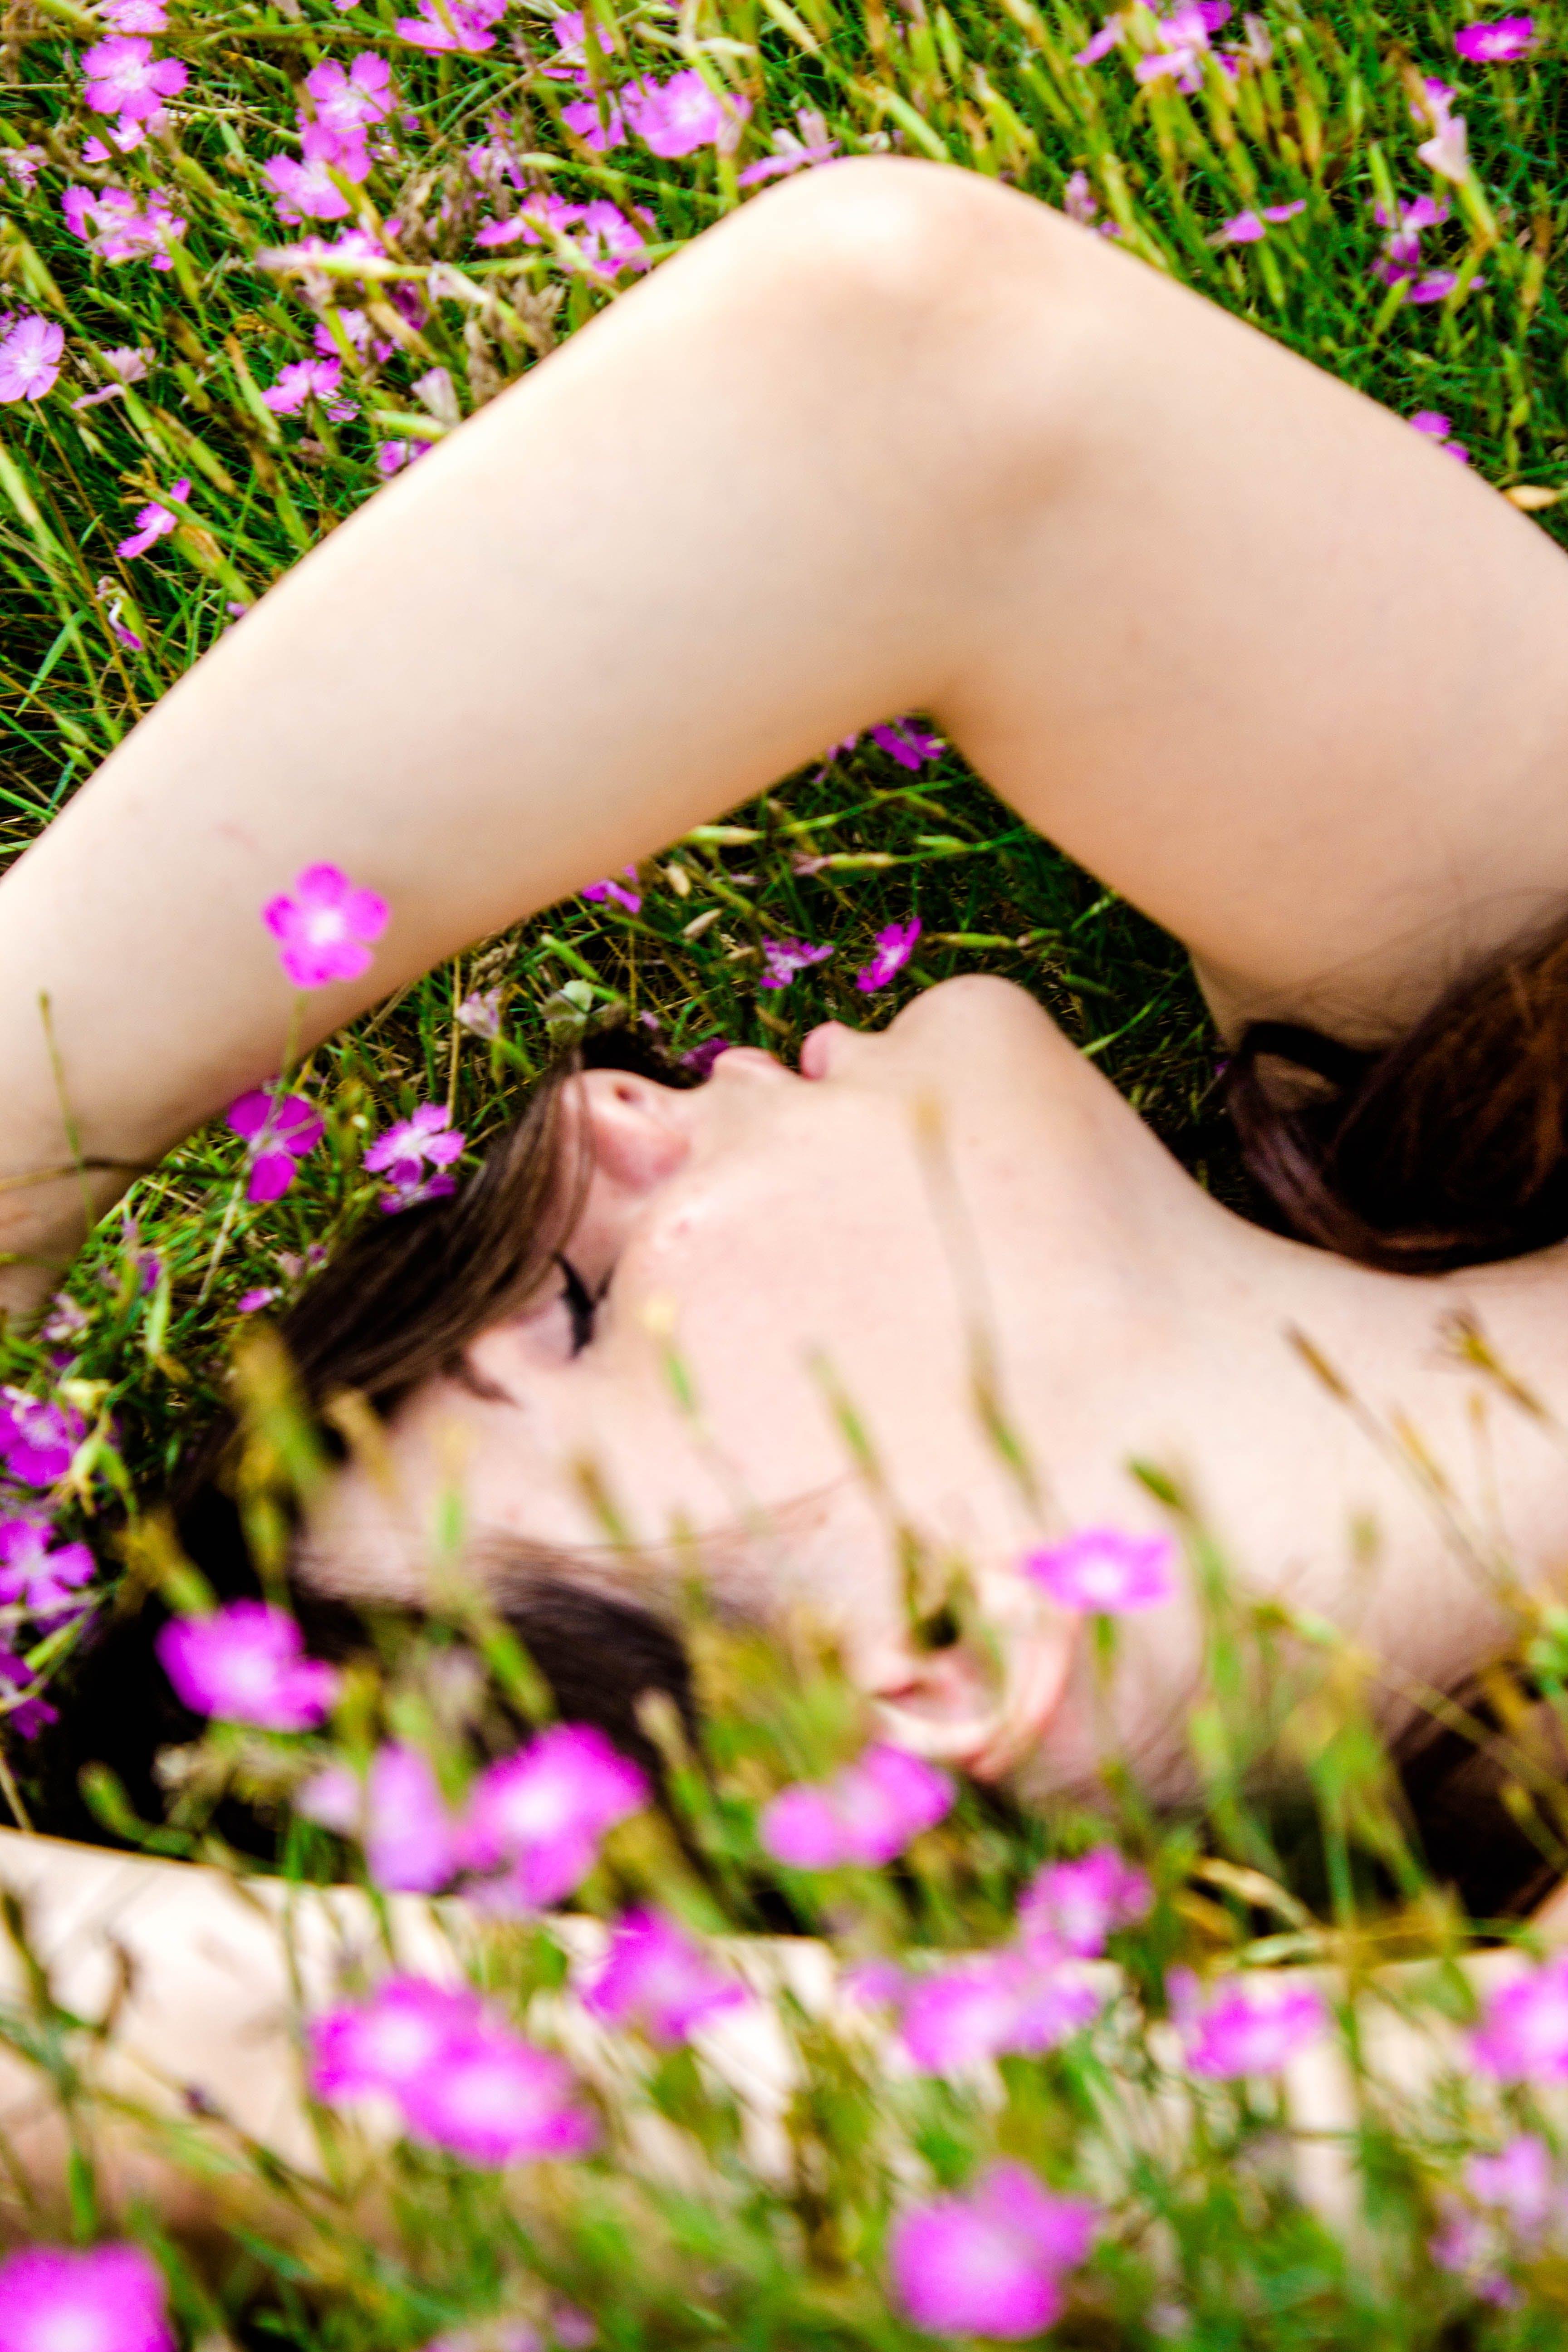 Woman Lying on Flower Field